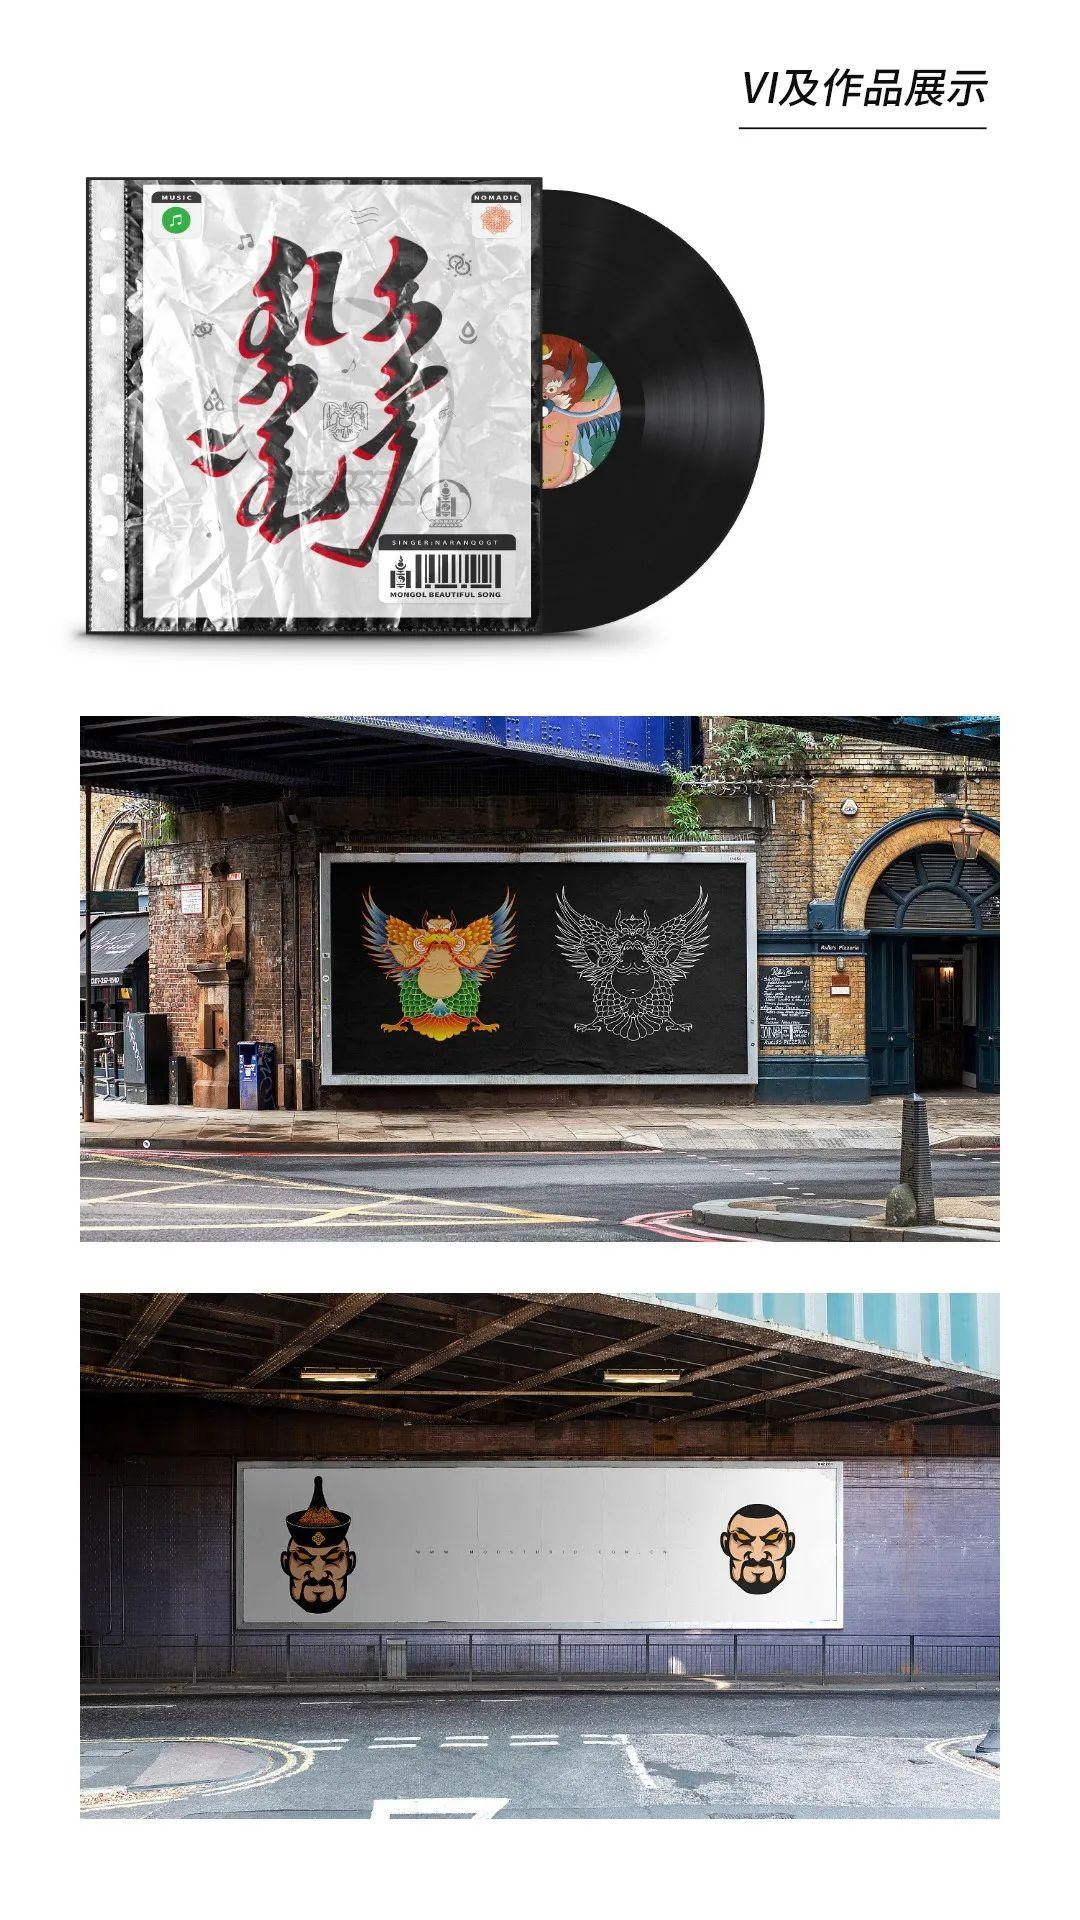 超赞的蒙元素设计-看完马上收藏 #Hotoch-Design#设计案例 第6张